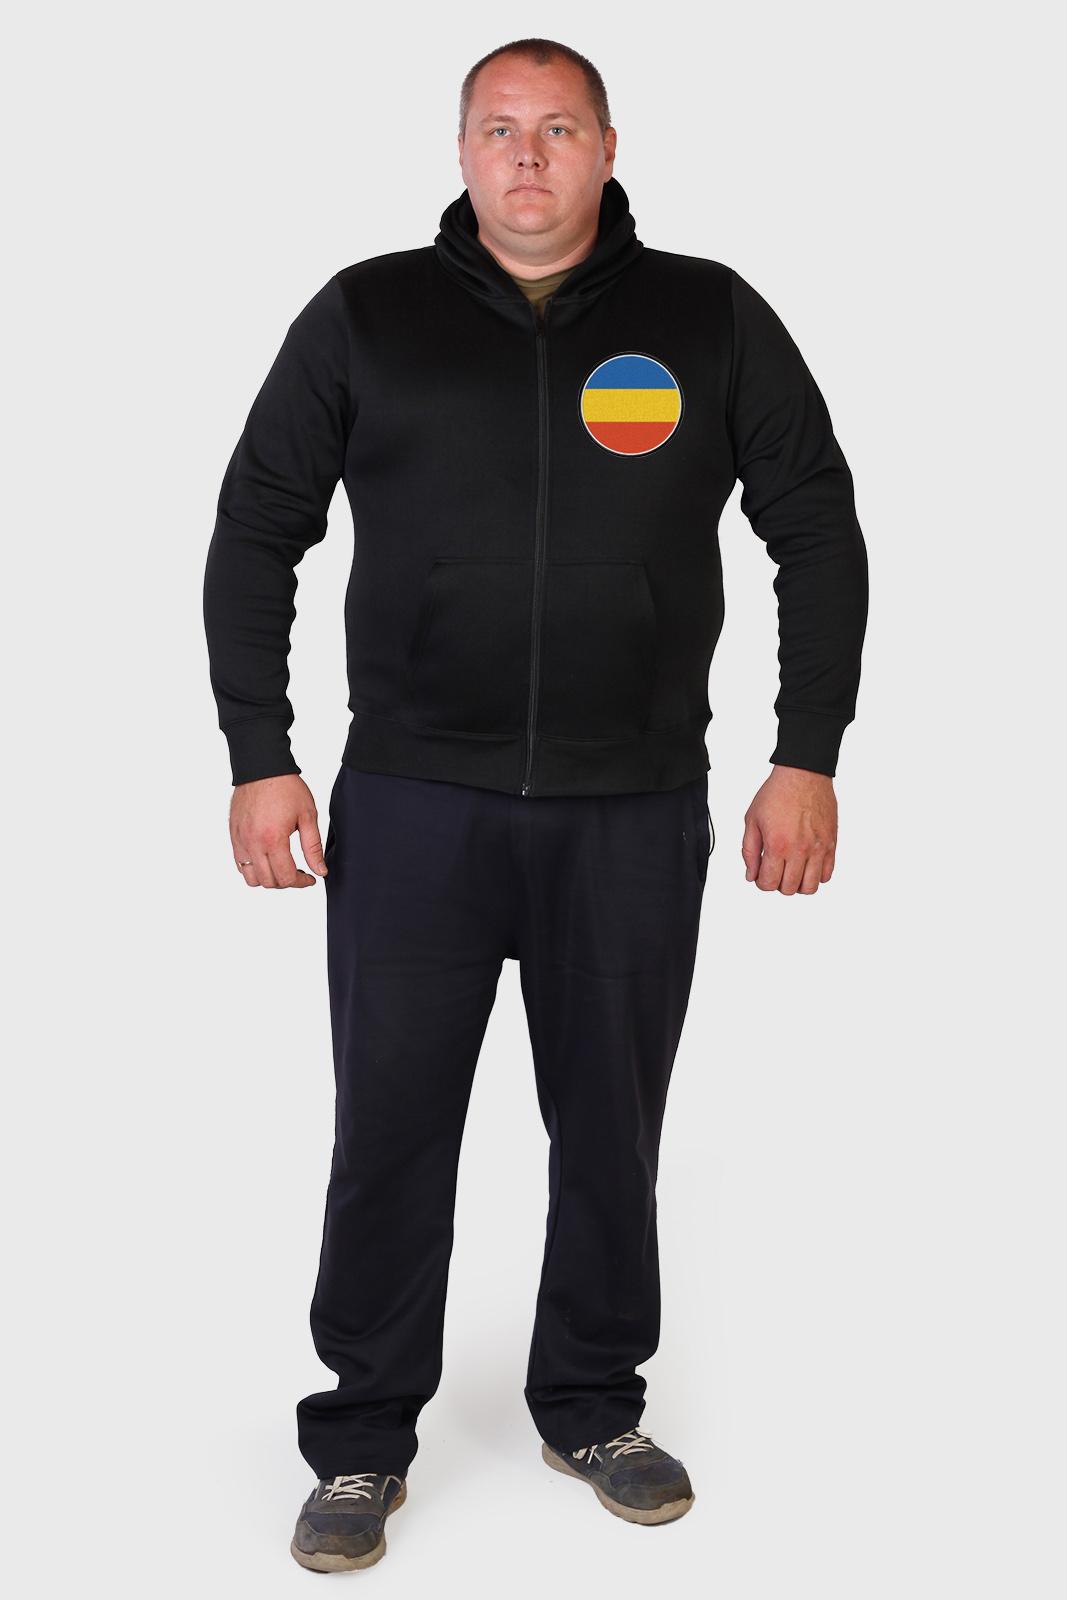 Купить в интернет магазине толстовку Донских казаков